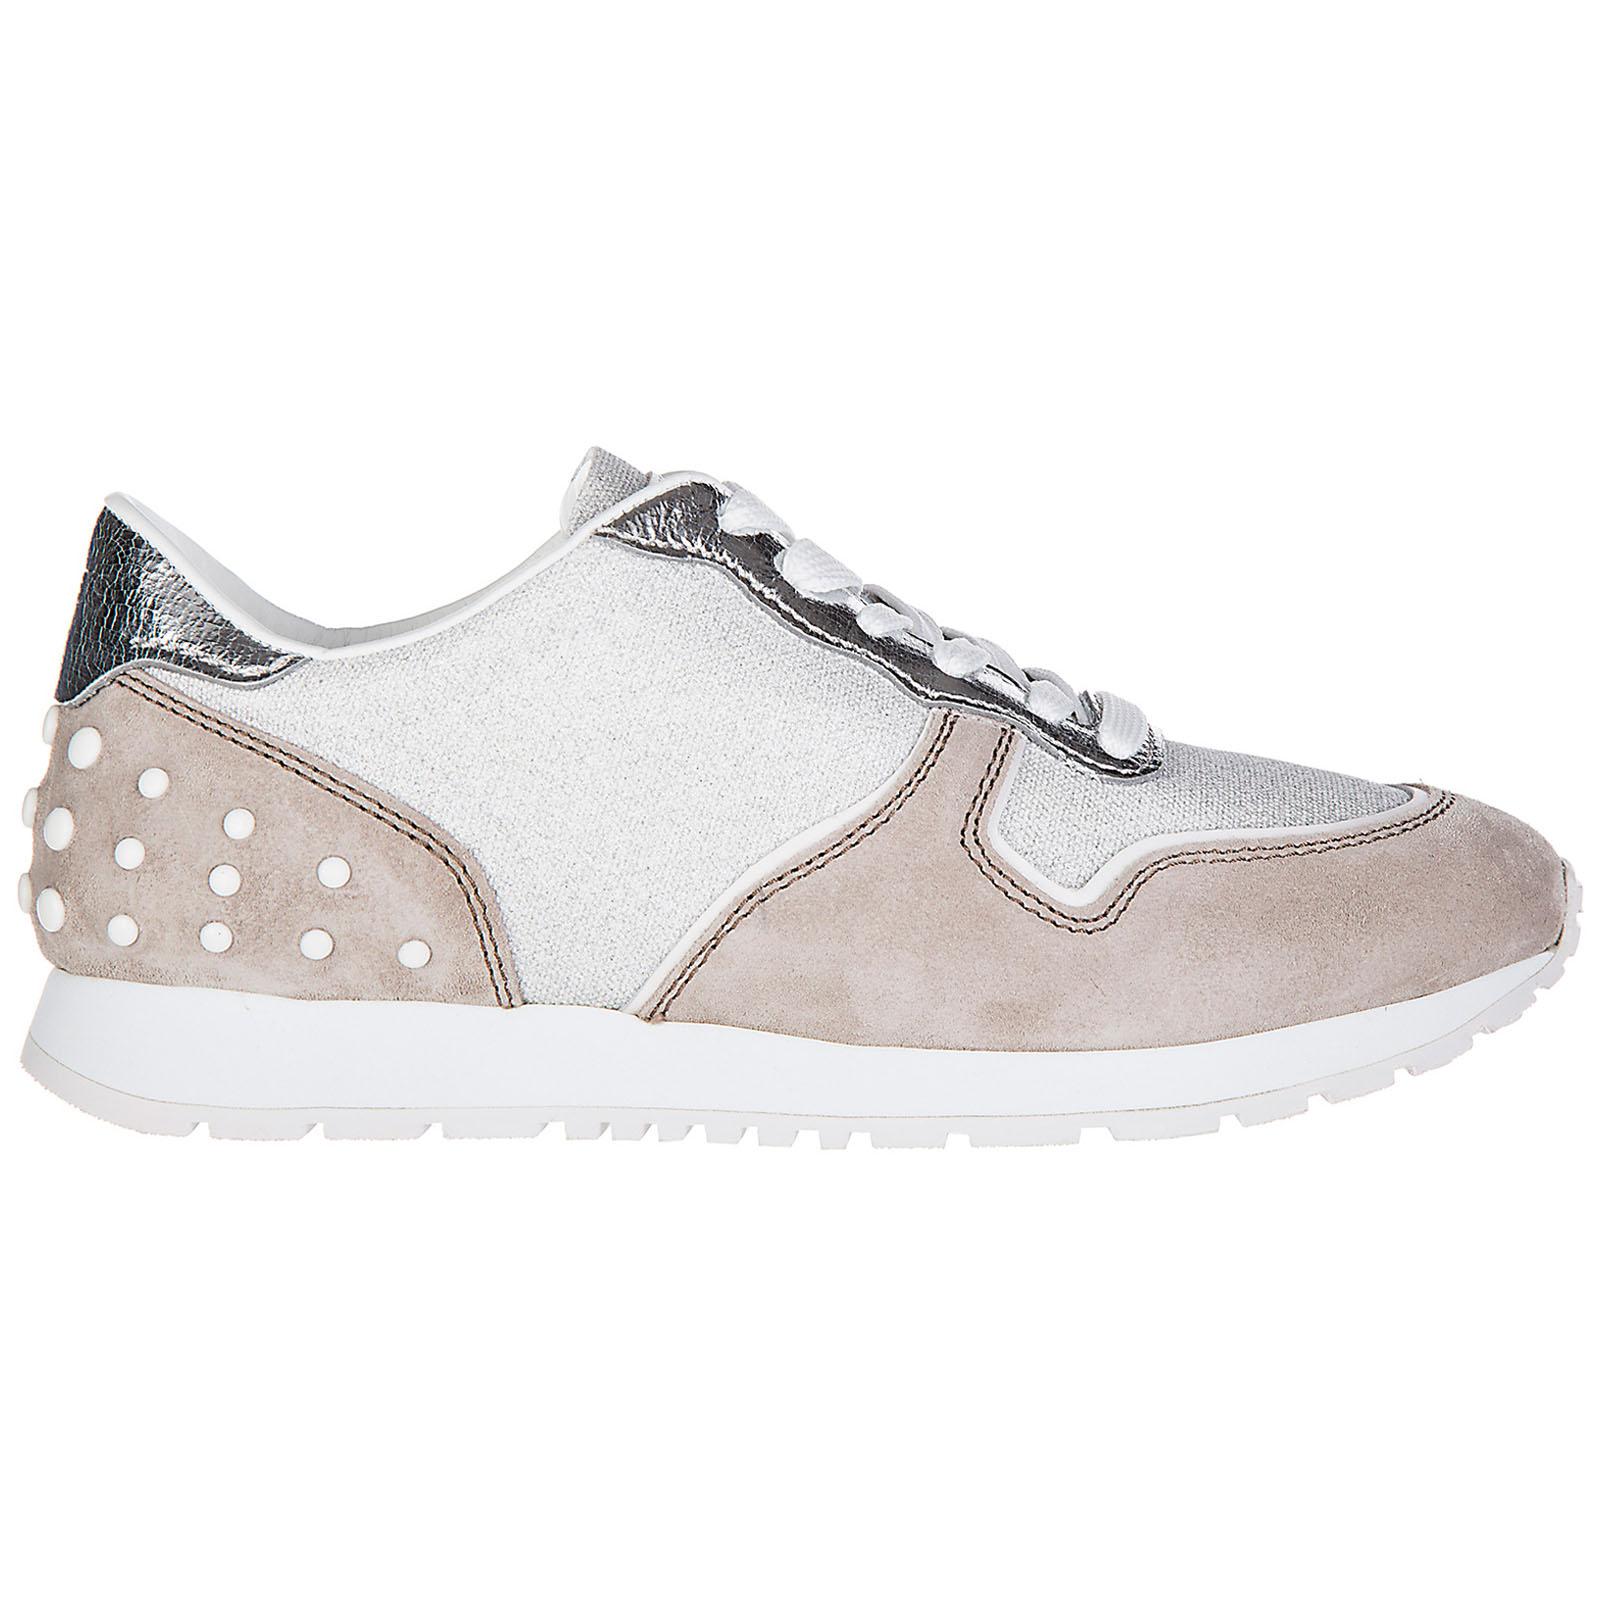 Zapatos zapatillas de deporte mujer en ante sportivo